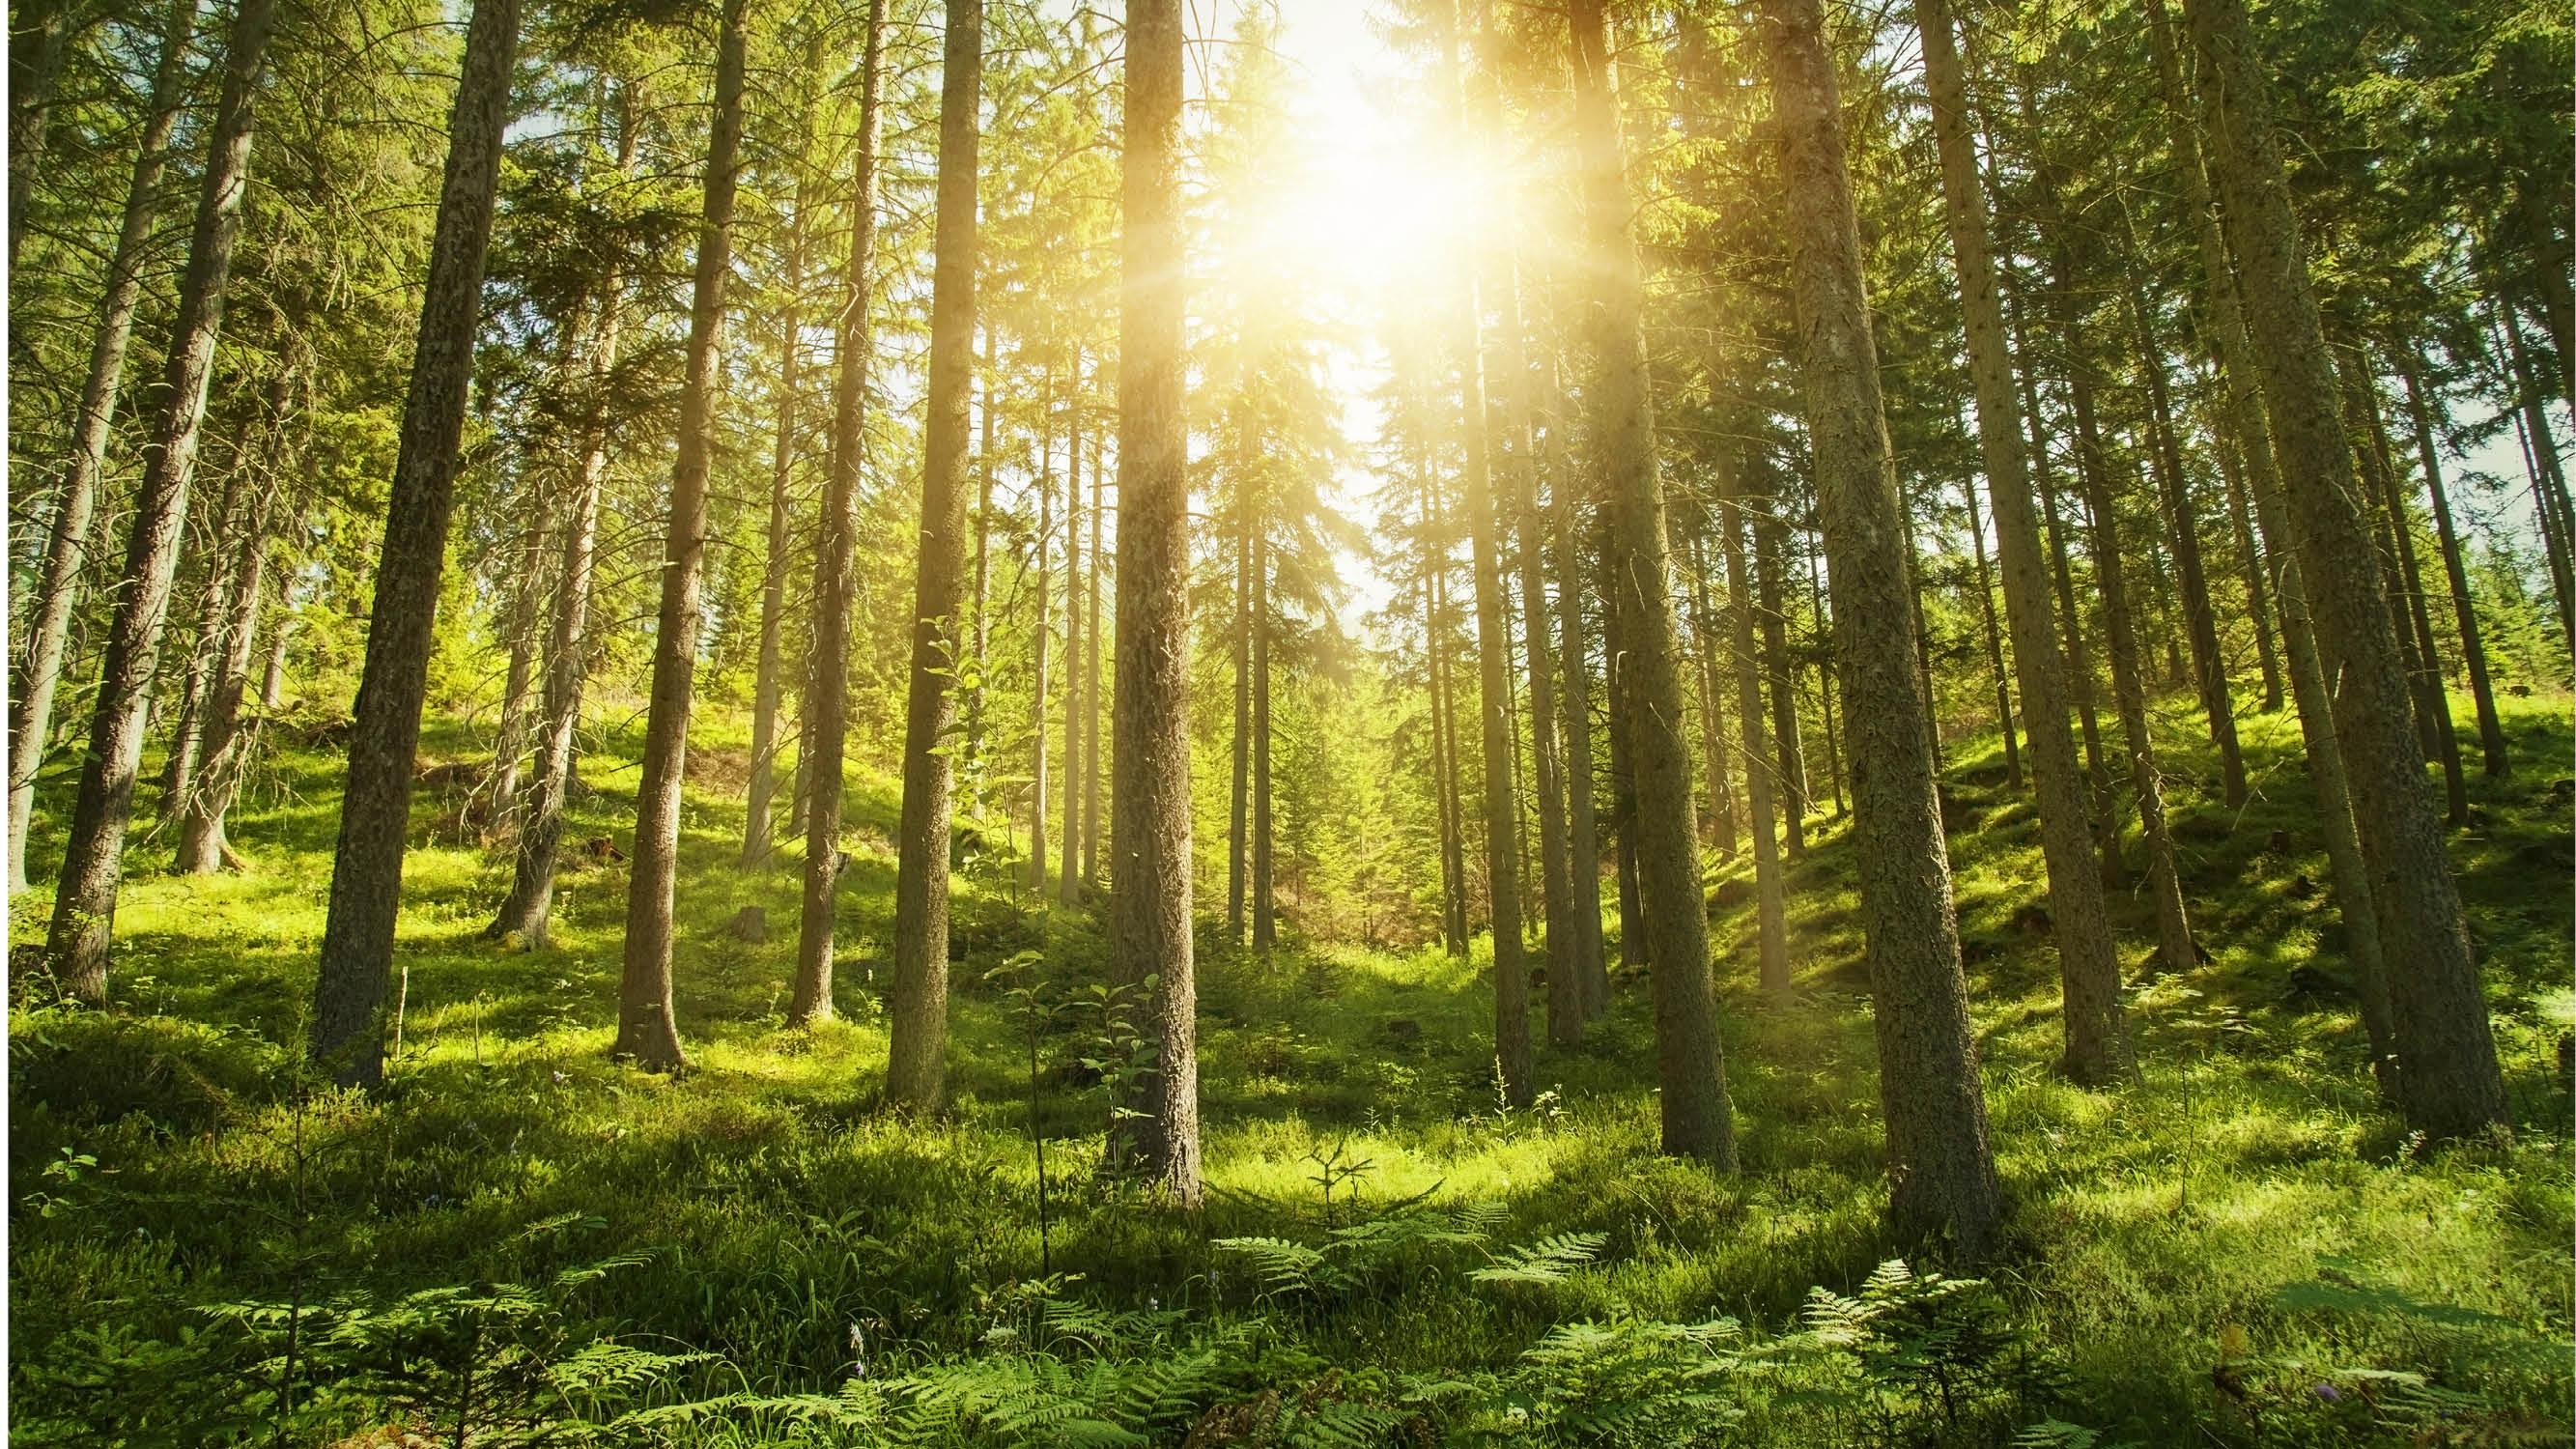 15670 Bild nyhetsbrev tallskog i solsken